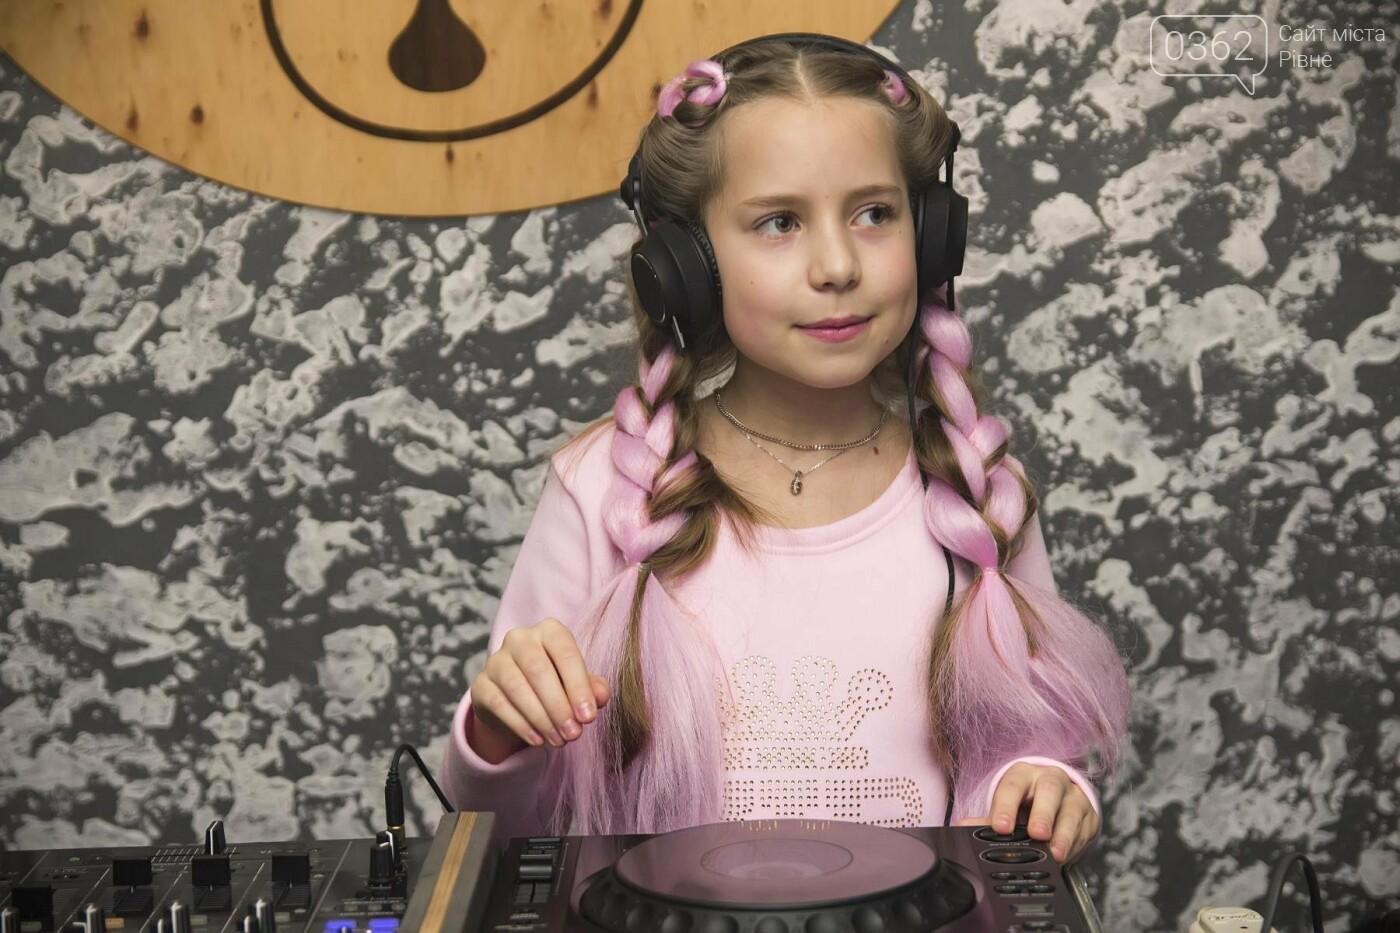 Рівненська школярка стала діджеєм - Dj Crystal Girl, фото-7